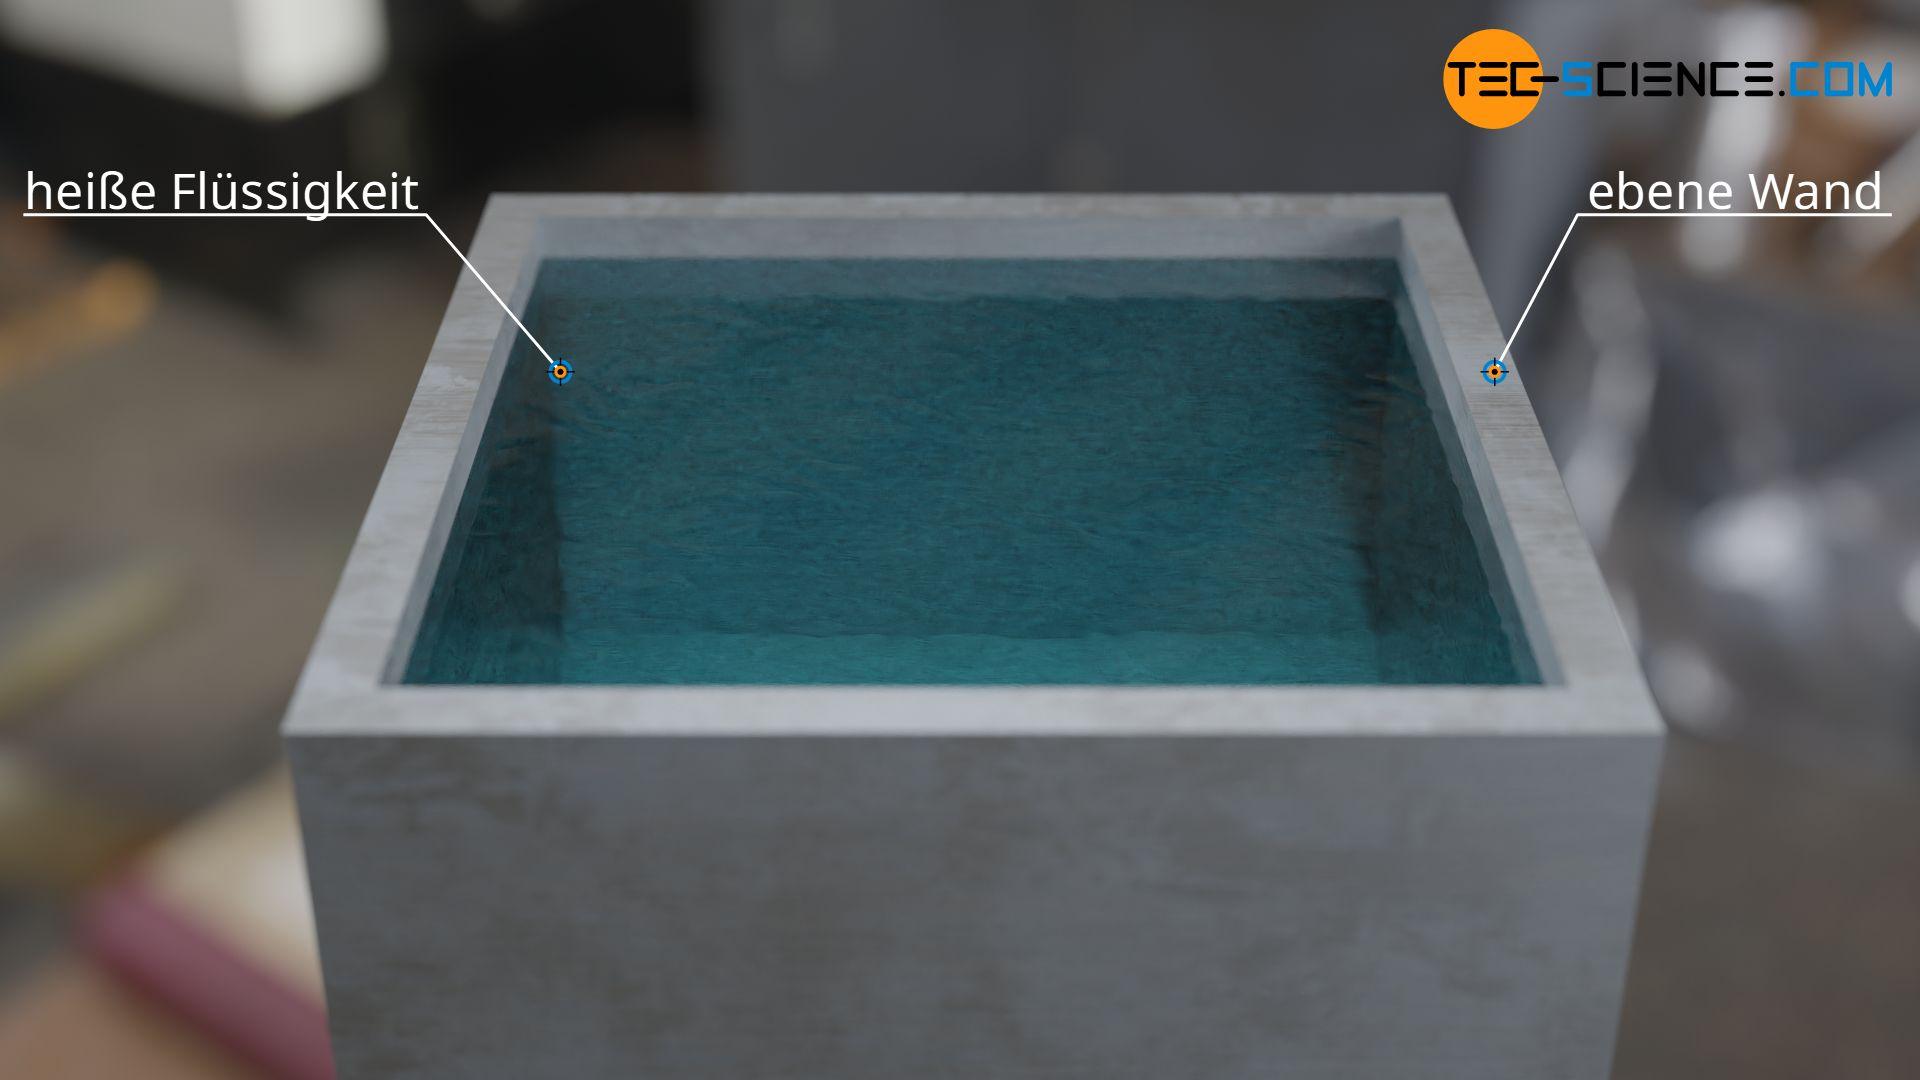 Heiße Flüssigkeit in einem Gefäß mit ebenen Wänden